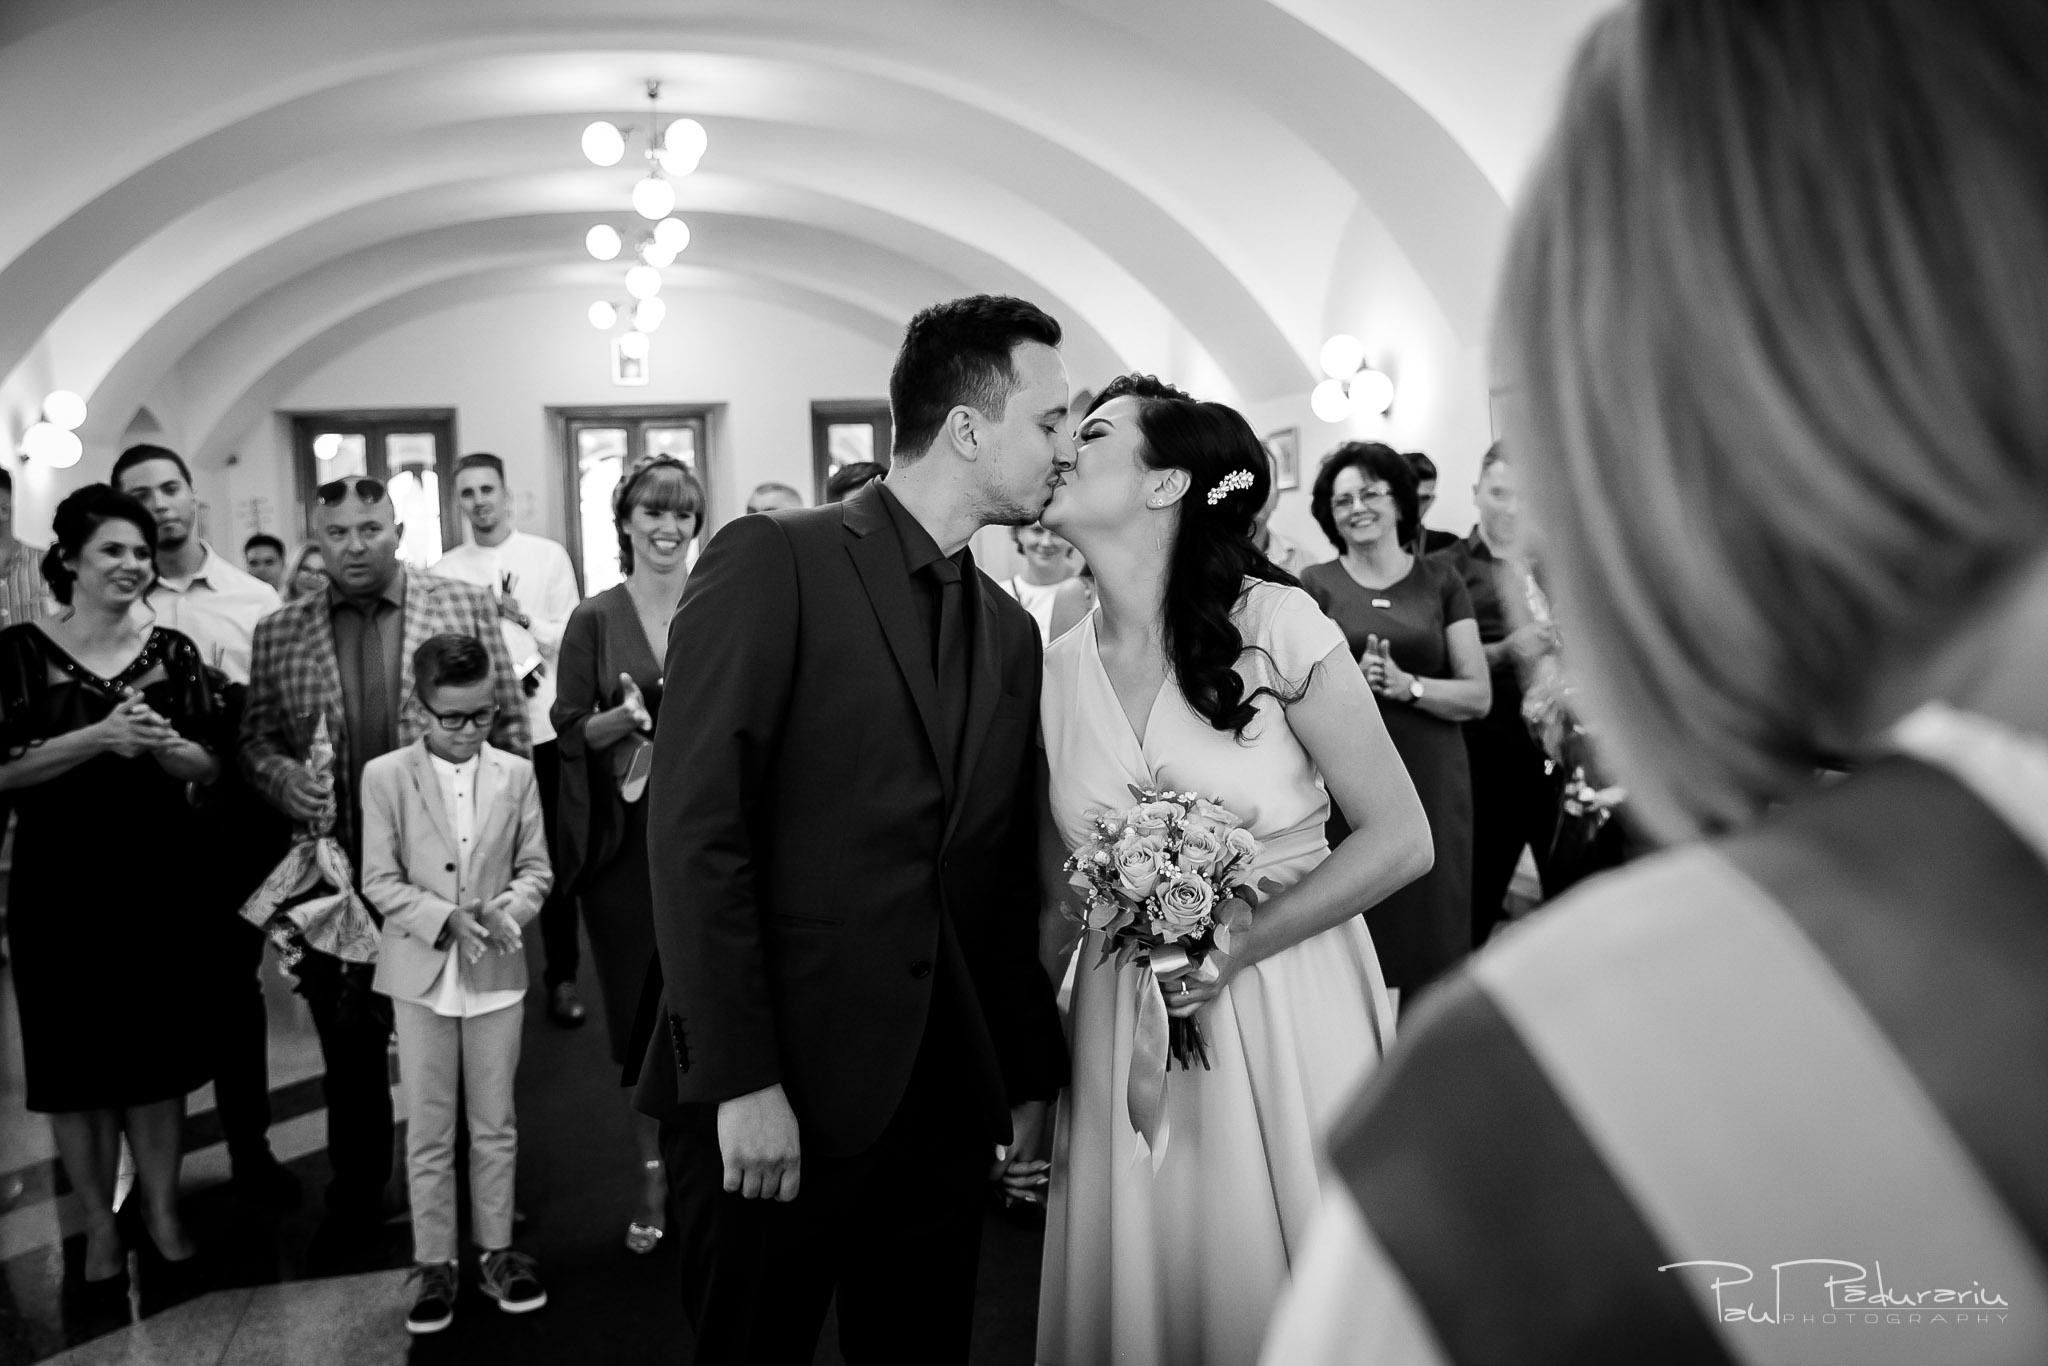 Denisa si Andrei nunta Hotel International Iasi 2019 fotograf nunta iasi paul padurariu 4